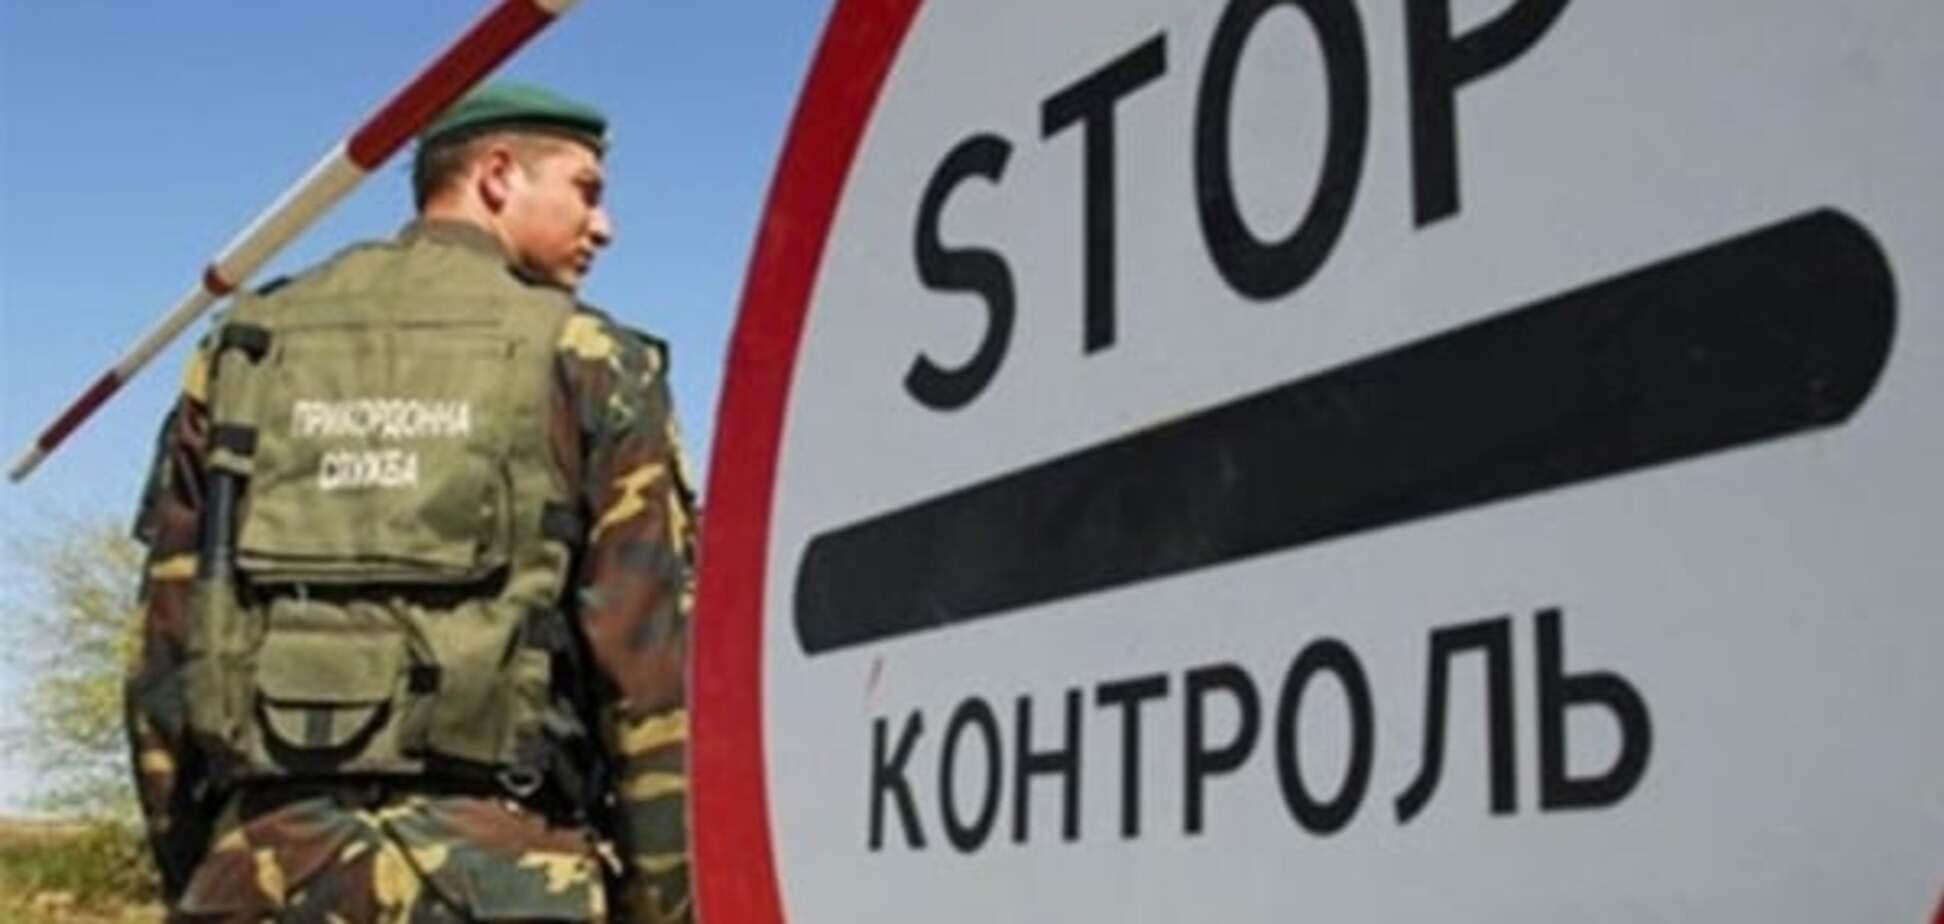 В Крыму задержан еще один украинский военный, который якобы 'пришел брататься'